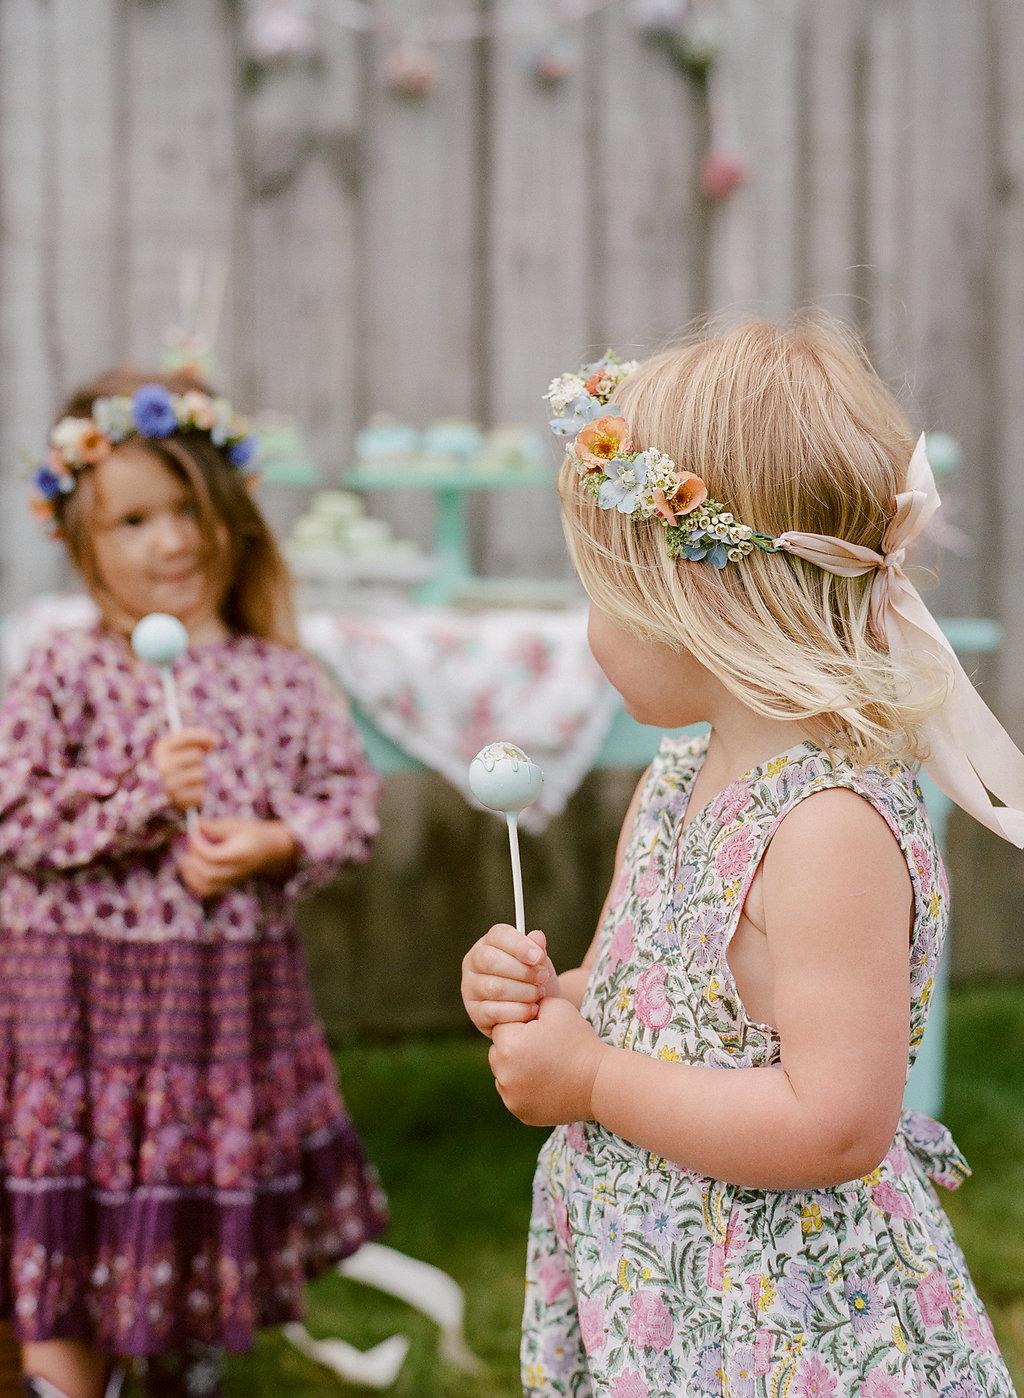 KidsParty_19.jpg